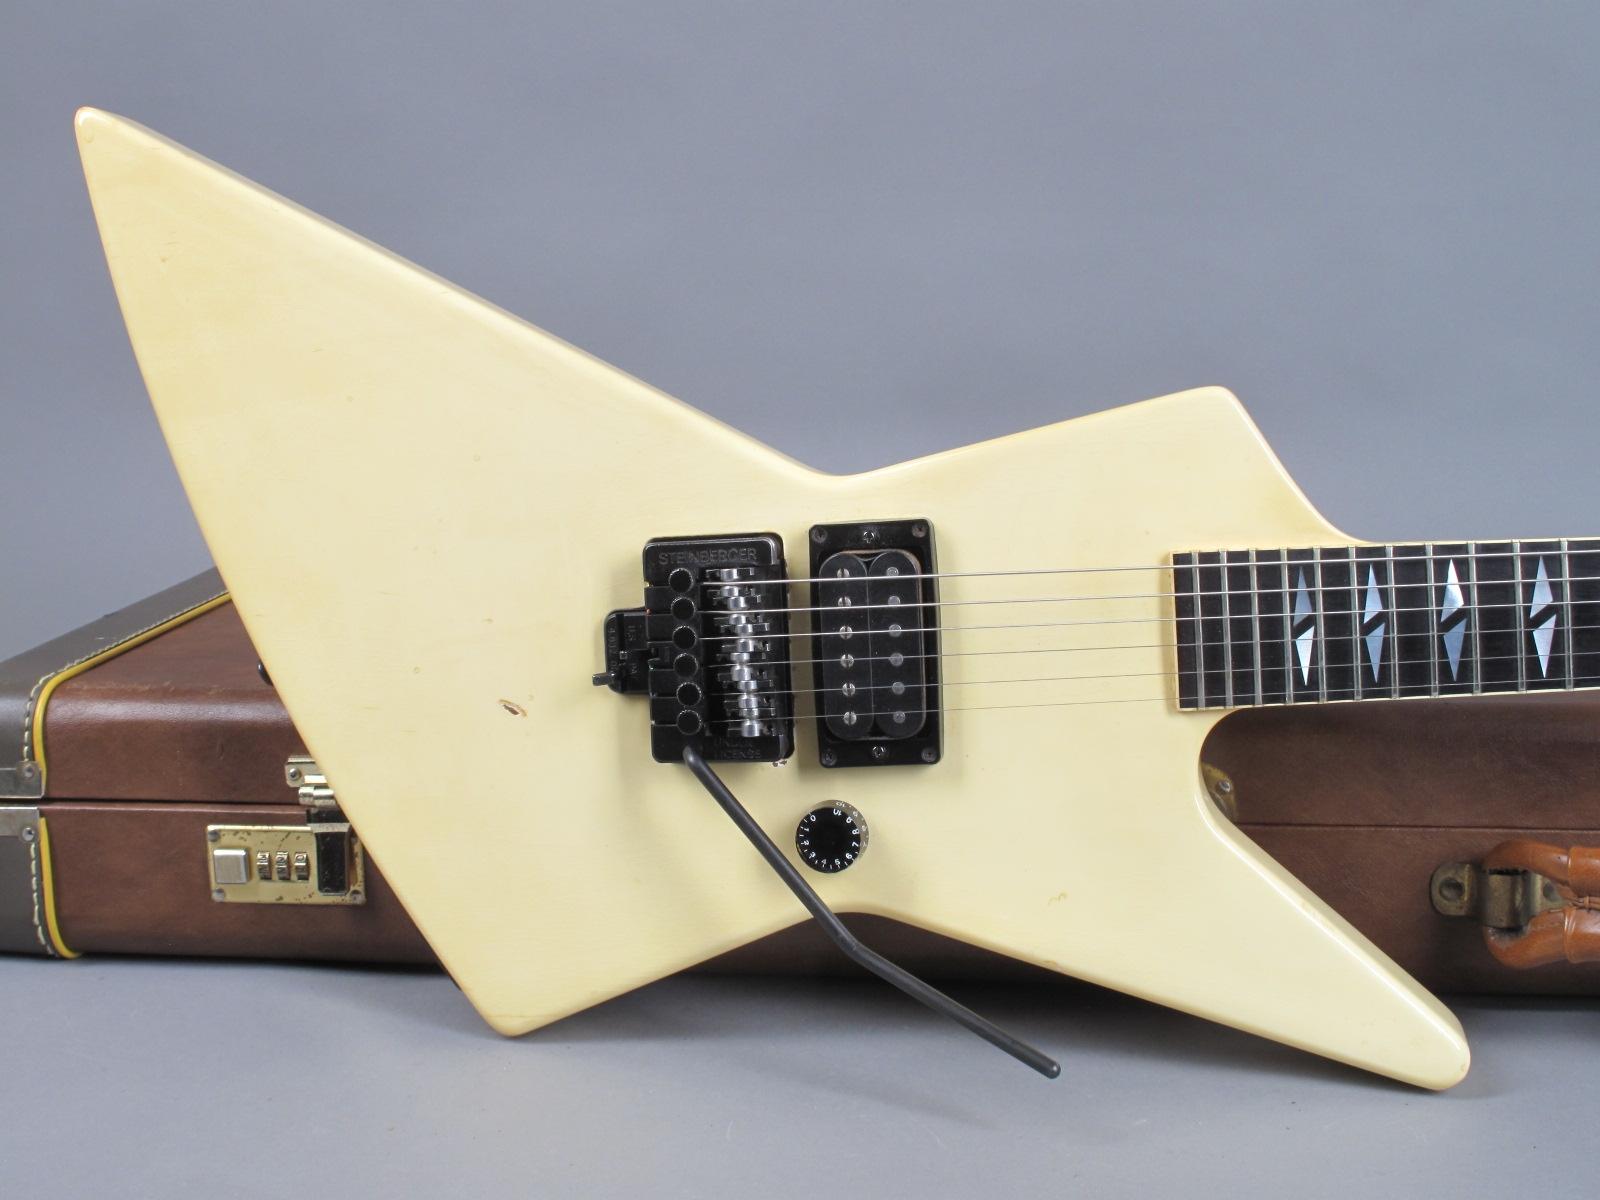 https://guitarpoint.de/app/uploads/products/1988-gibson-explorer-exp90-white-83088727/1988-Gibson-Explorer-90-White-83088727_19.jpg